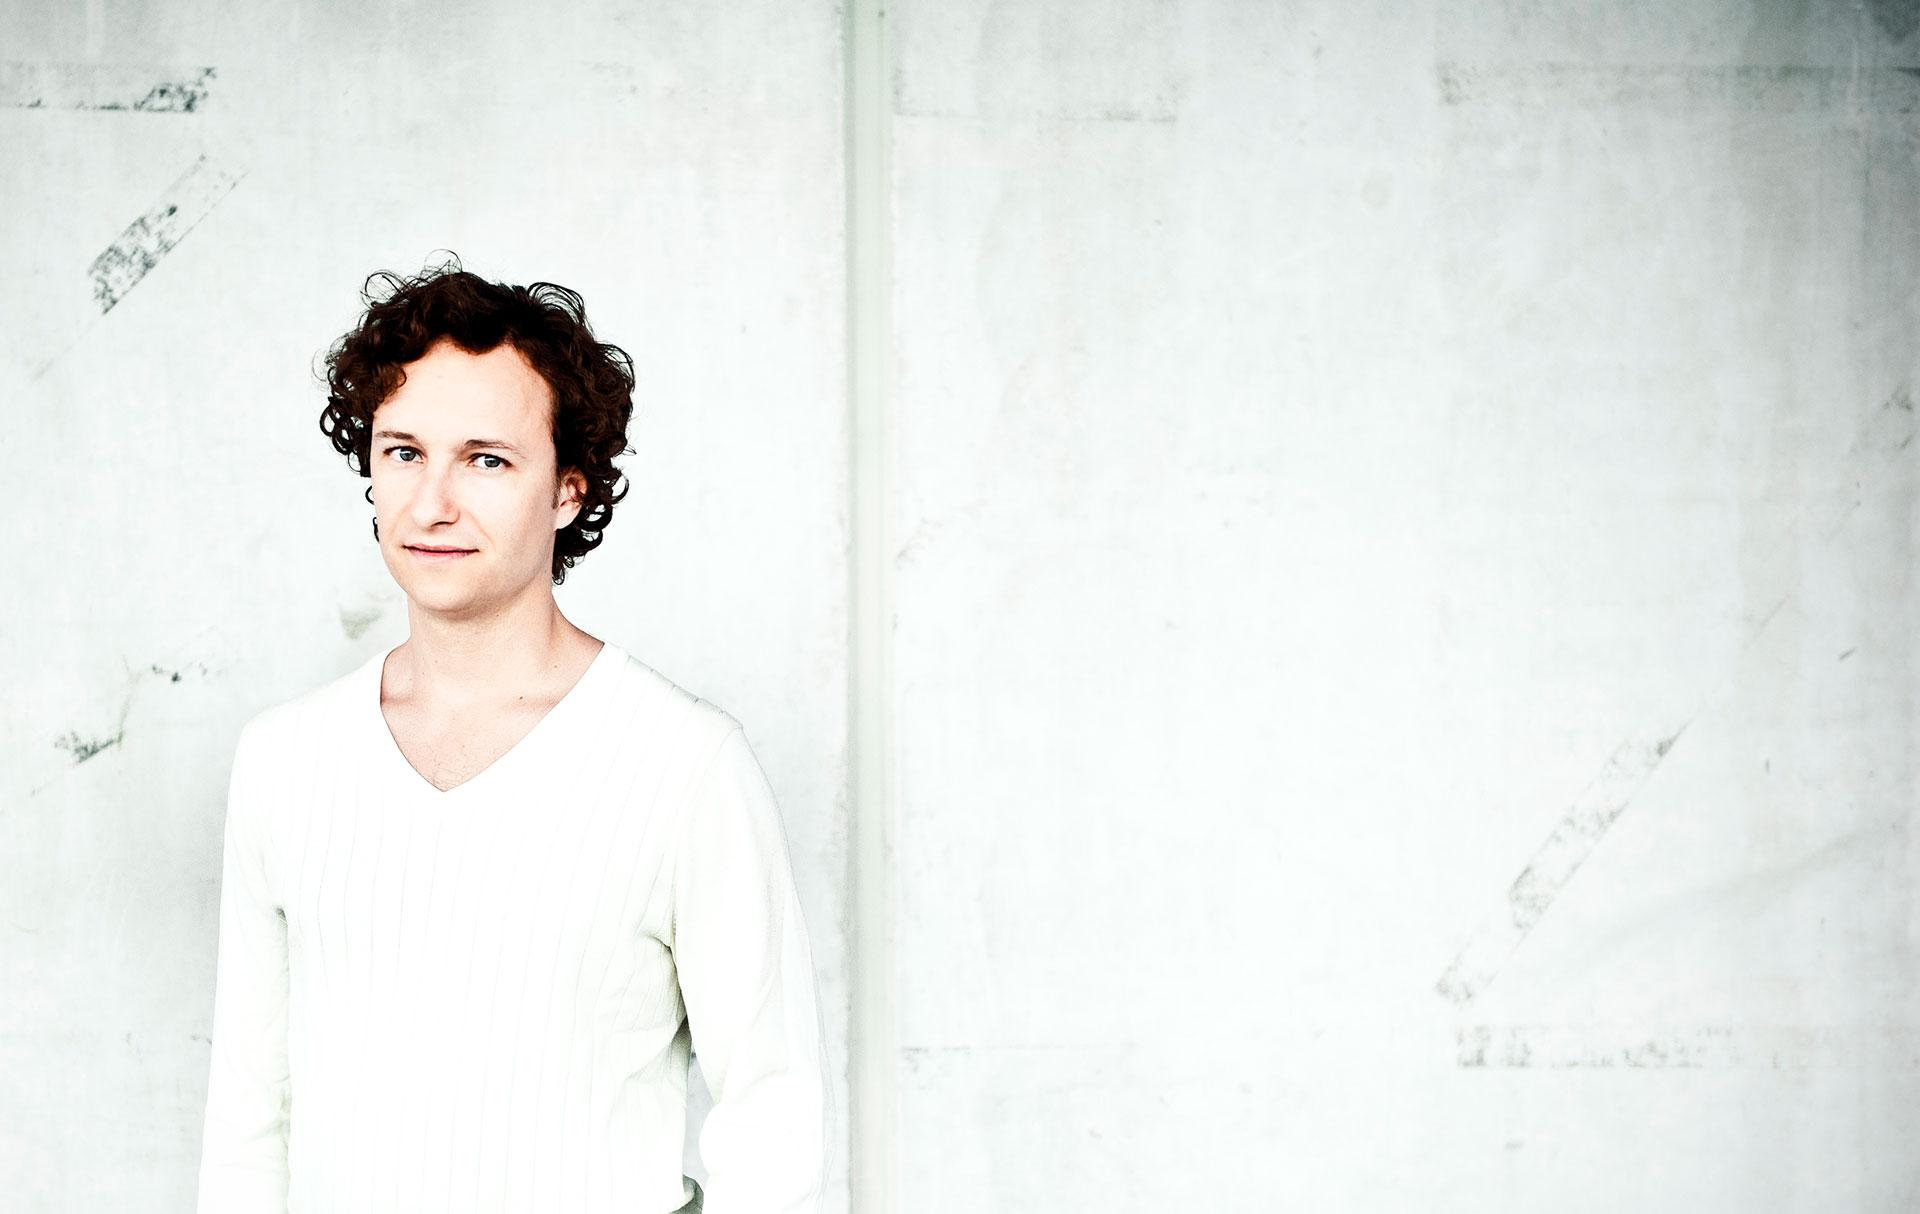 Martin-Helmchen-white-shirt2-be©Giorgia-Bertazzi.jpg